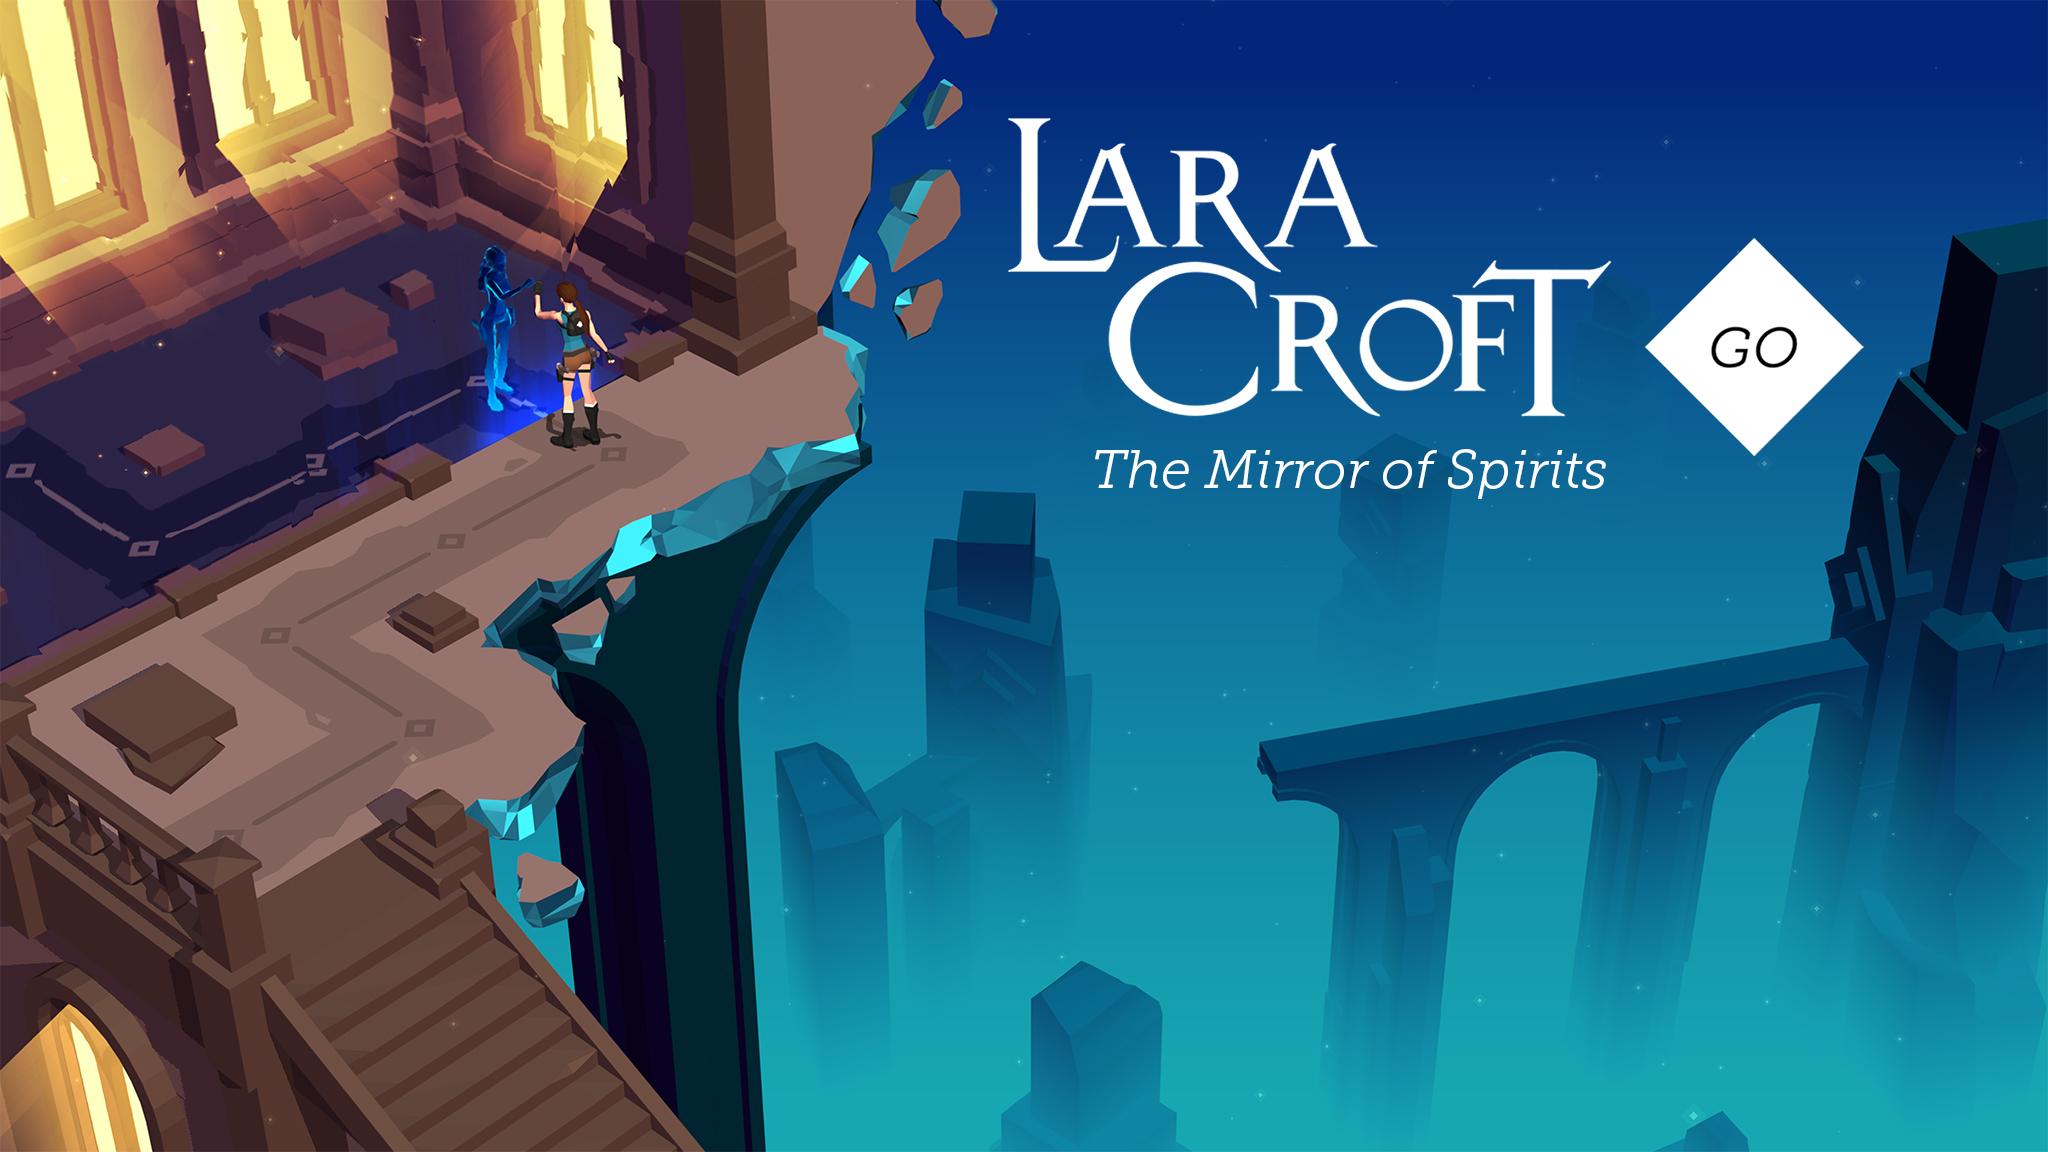 Free dowland lara croft go erotic fun whores